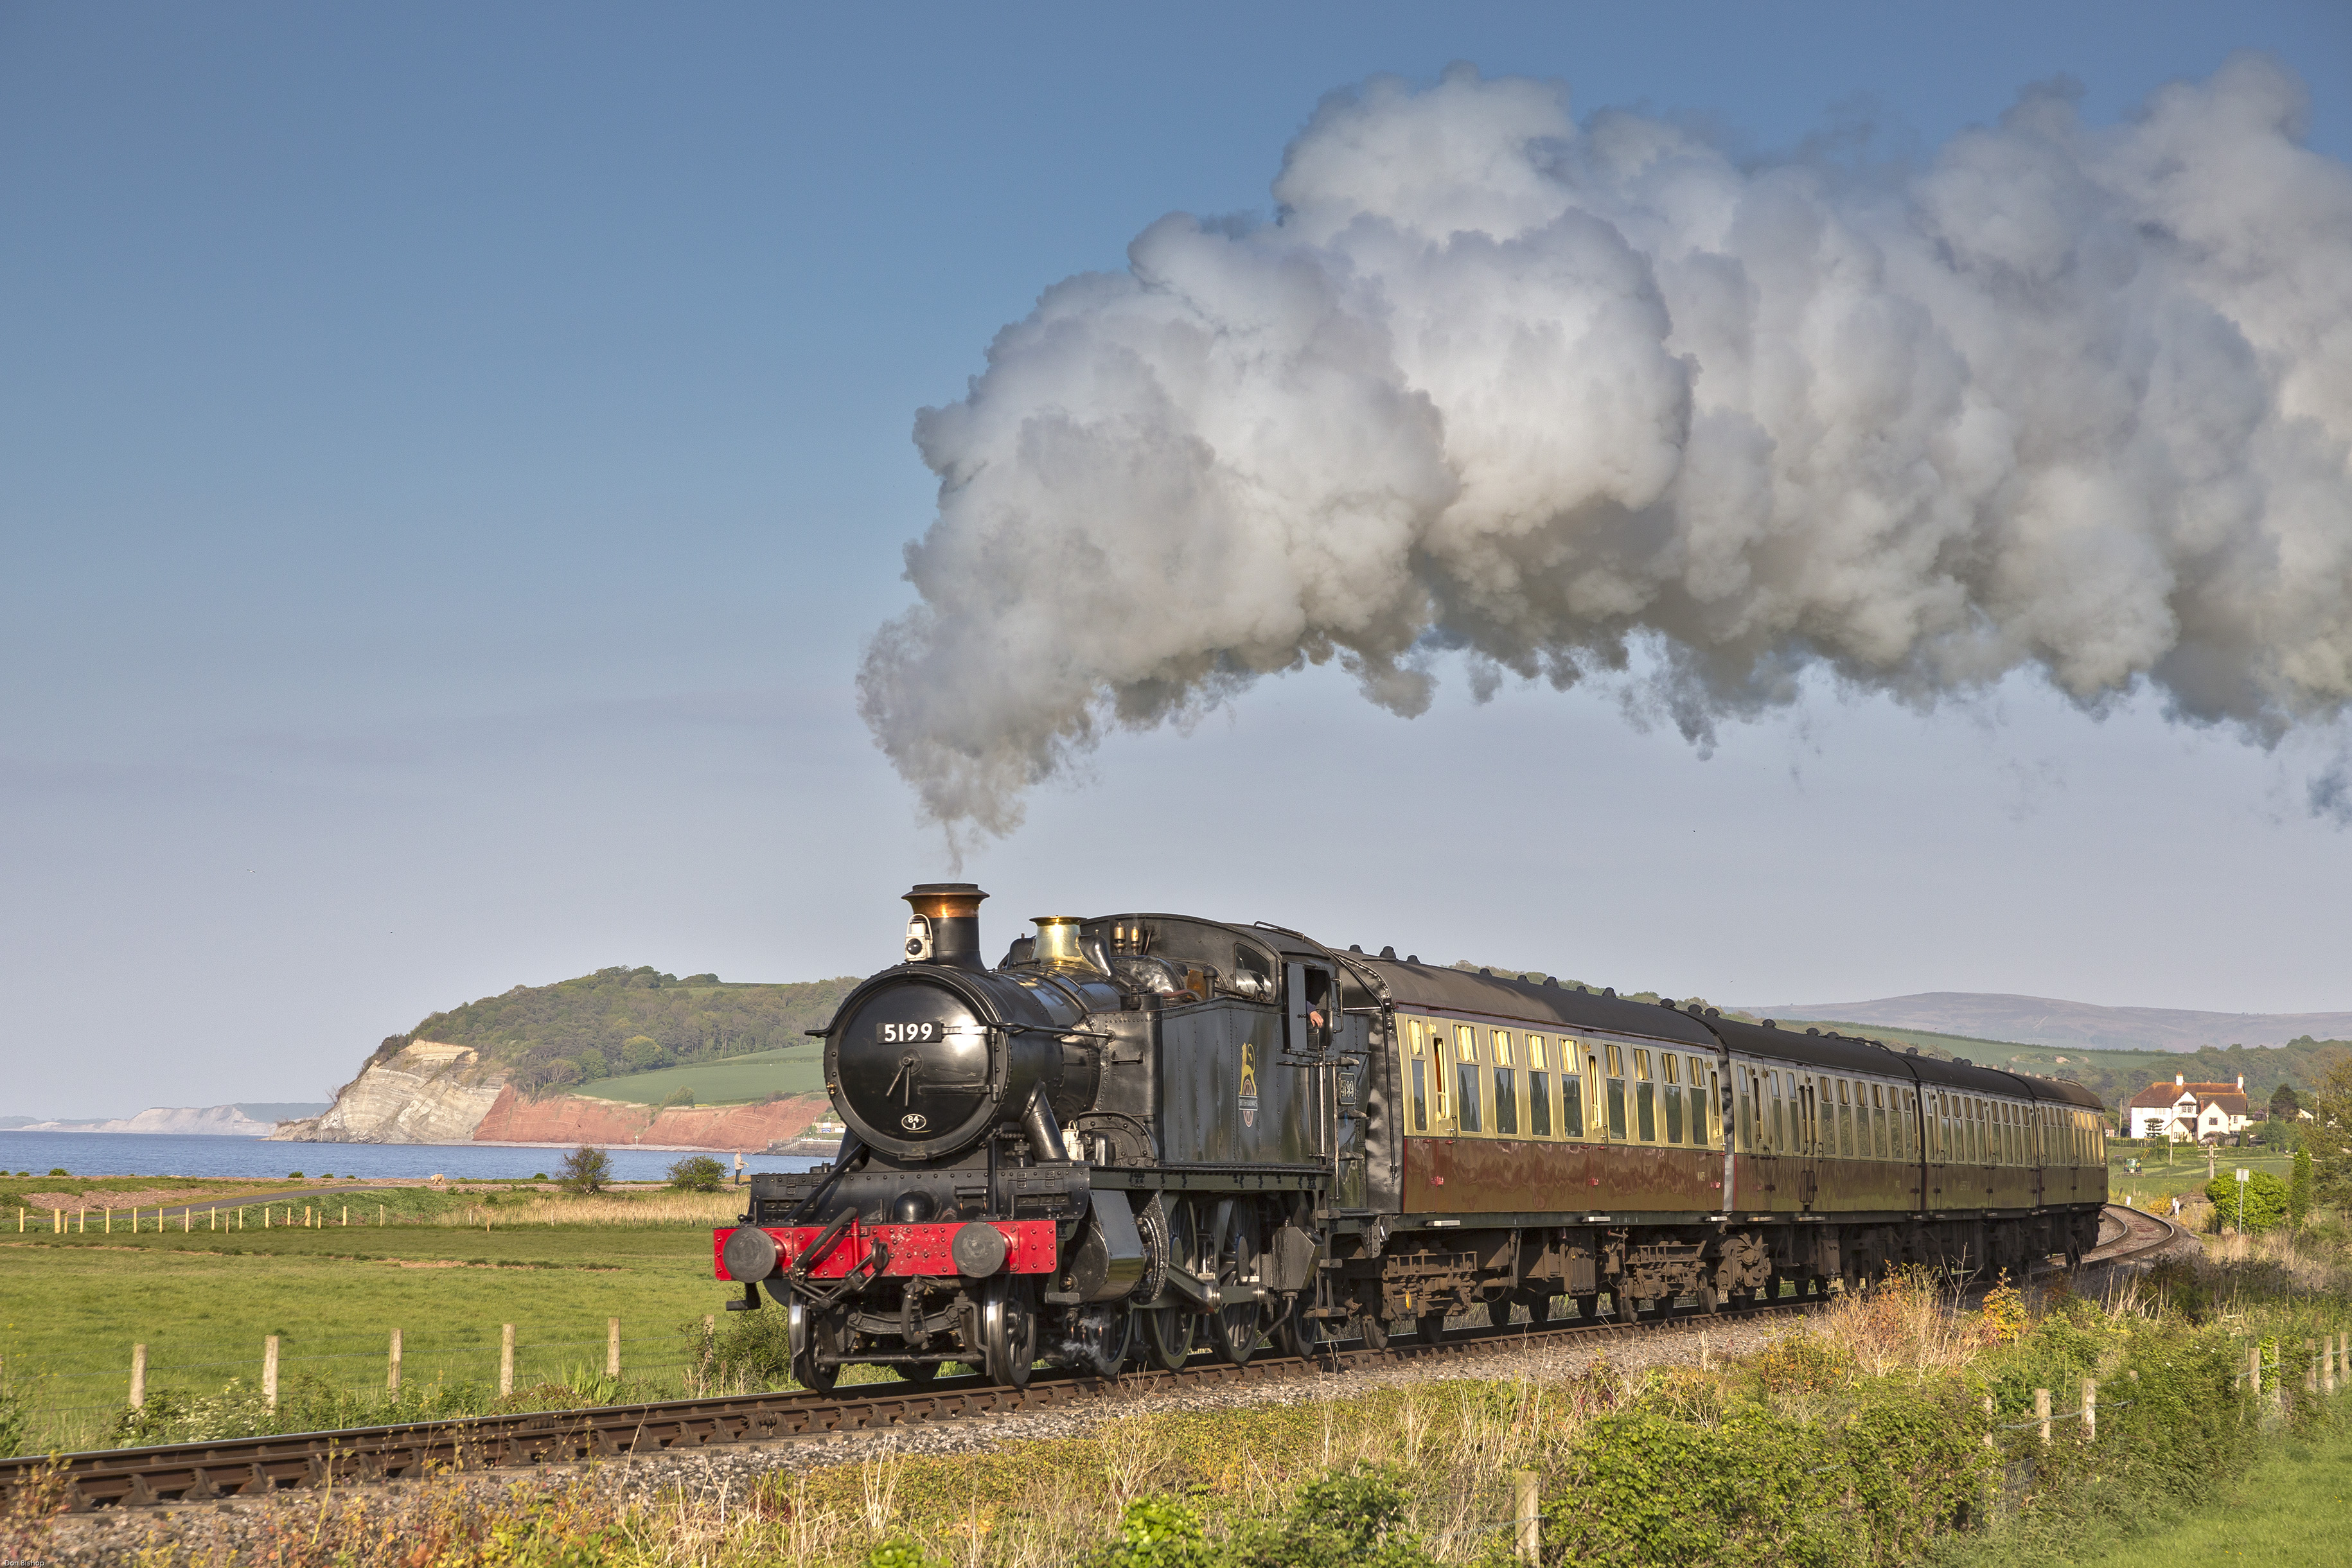 Former GWR steam loco 41xx Class No. 5199 crossing Ker Moor